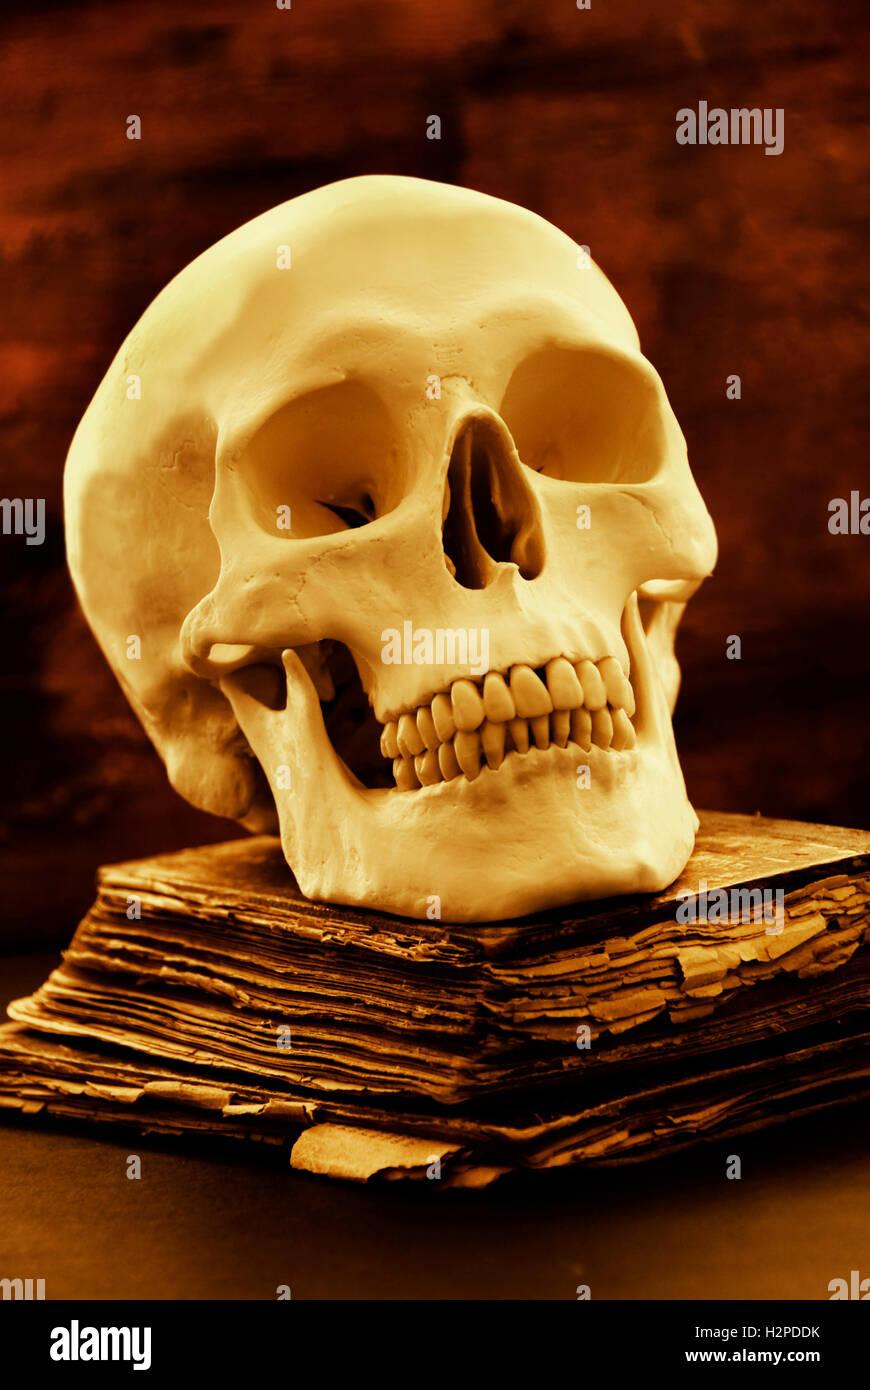 Menschlicher Schädel und altes Buch, Horror und Halloween Konzept Stockbild